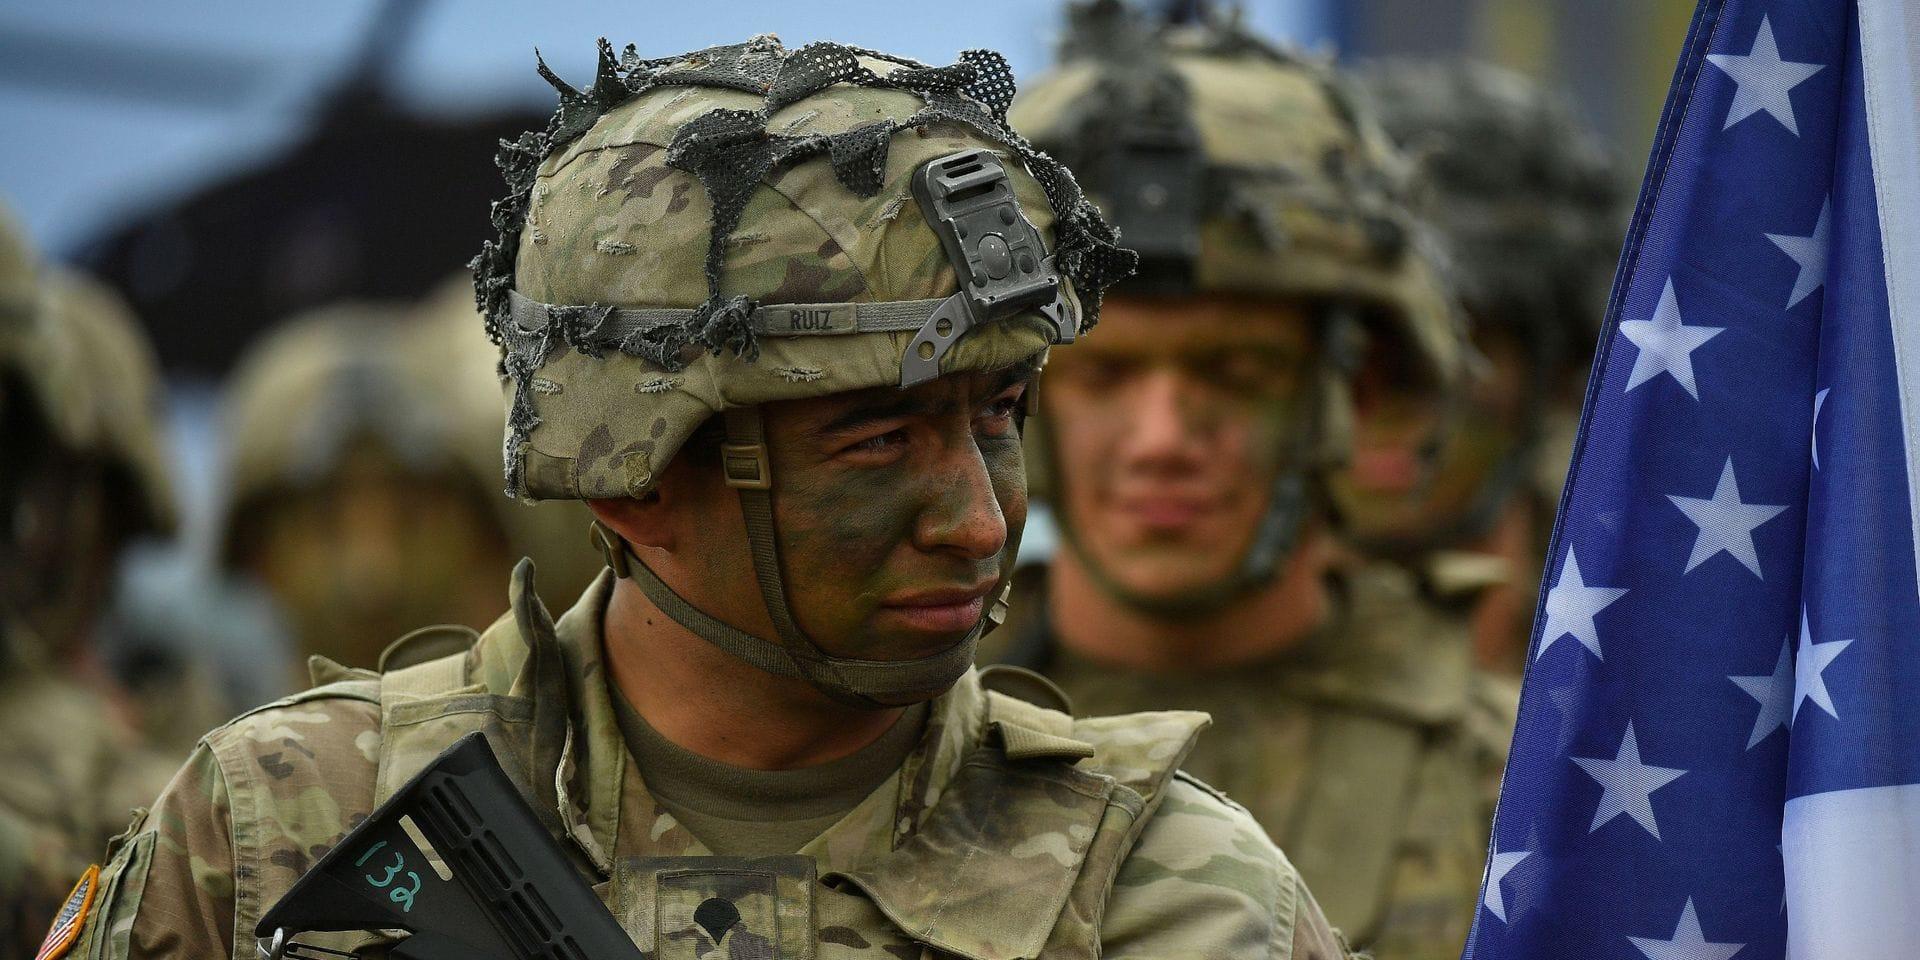 Des soldats américains révèlent des secrets nucléaires en révisant leurs connaissances en ligne